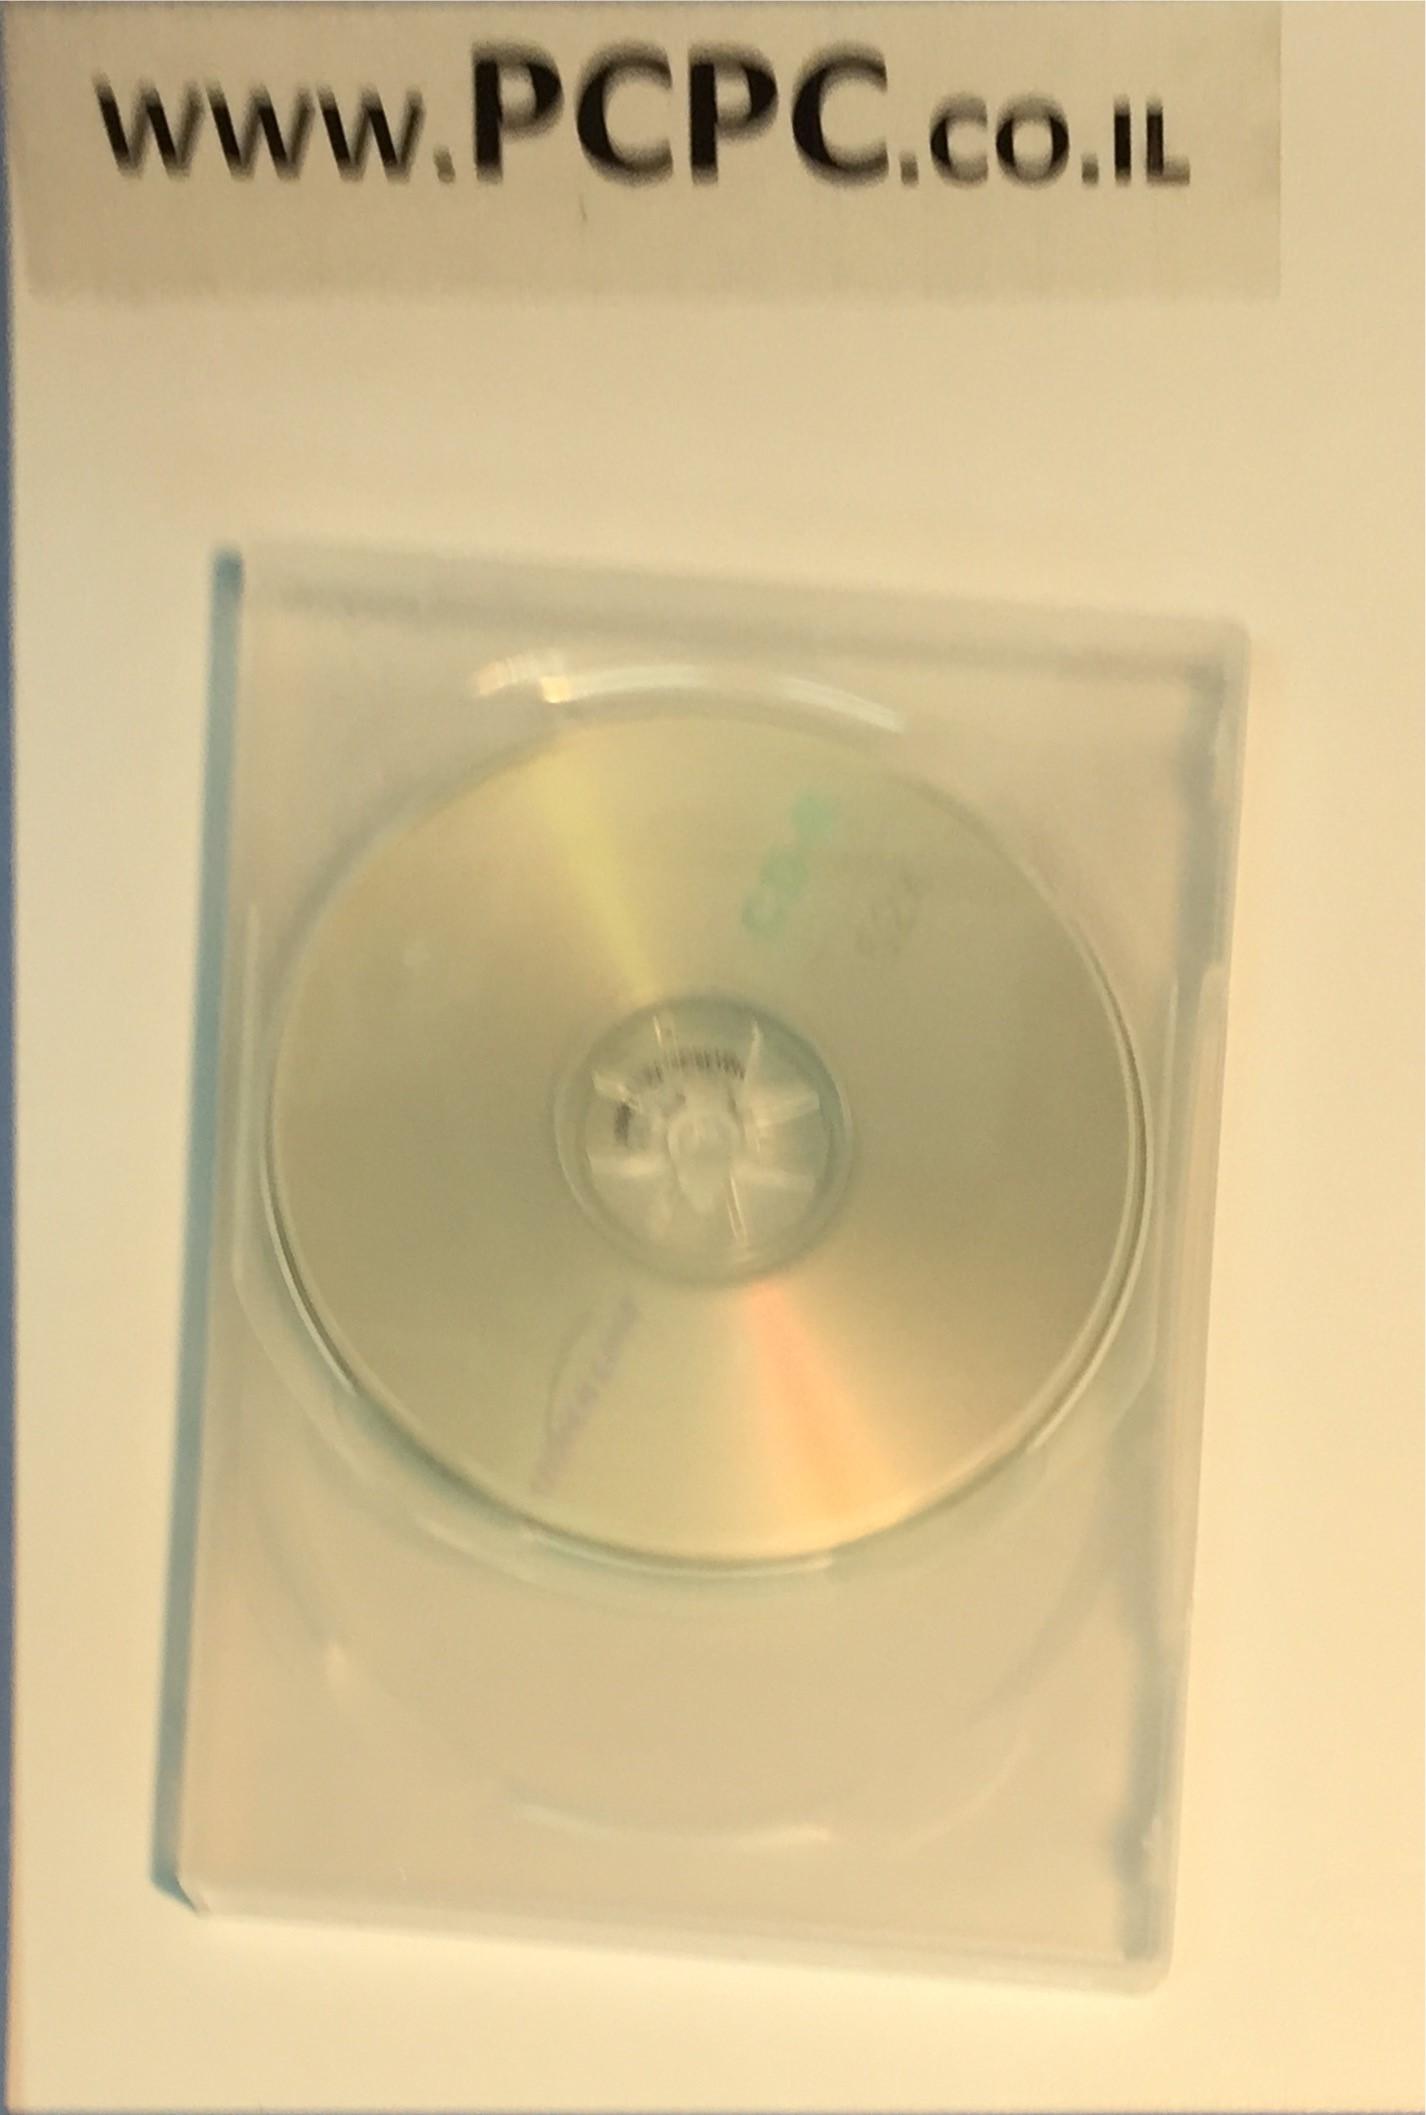 קופסה שקופה ל 2 DVD עובי 14 ממ